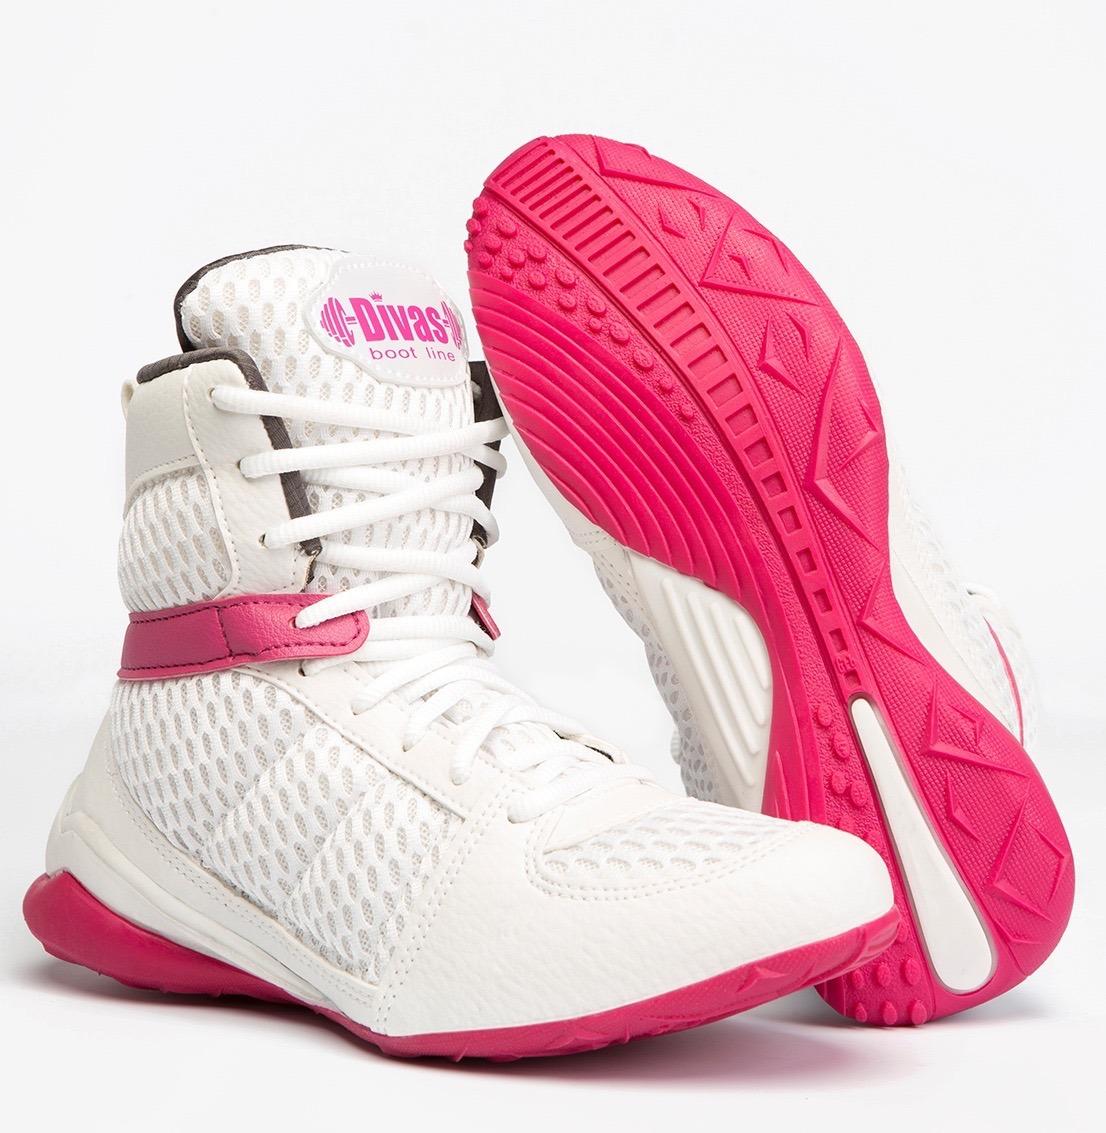 0e8ad92bf bota de treino new divas academia musculação + toalha fitnes. Carregando  zoom.